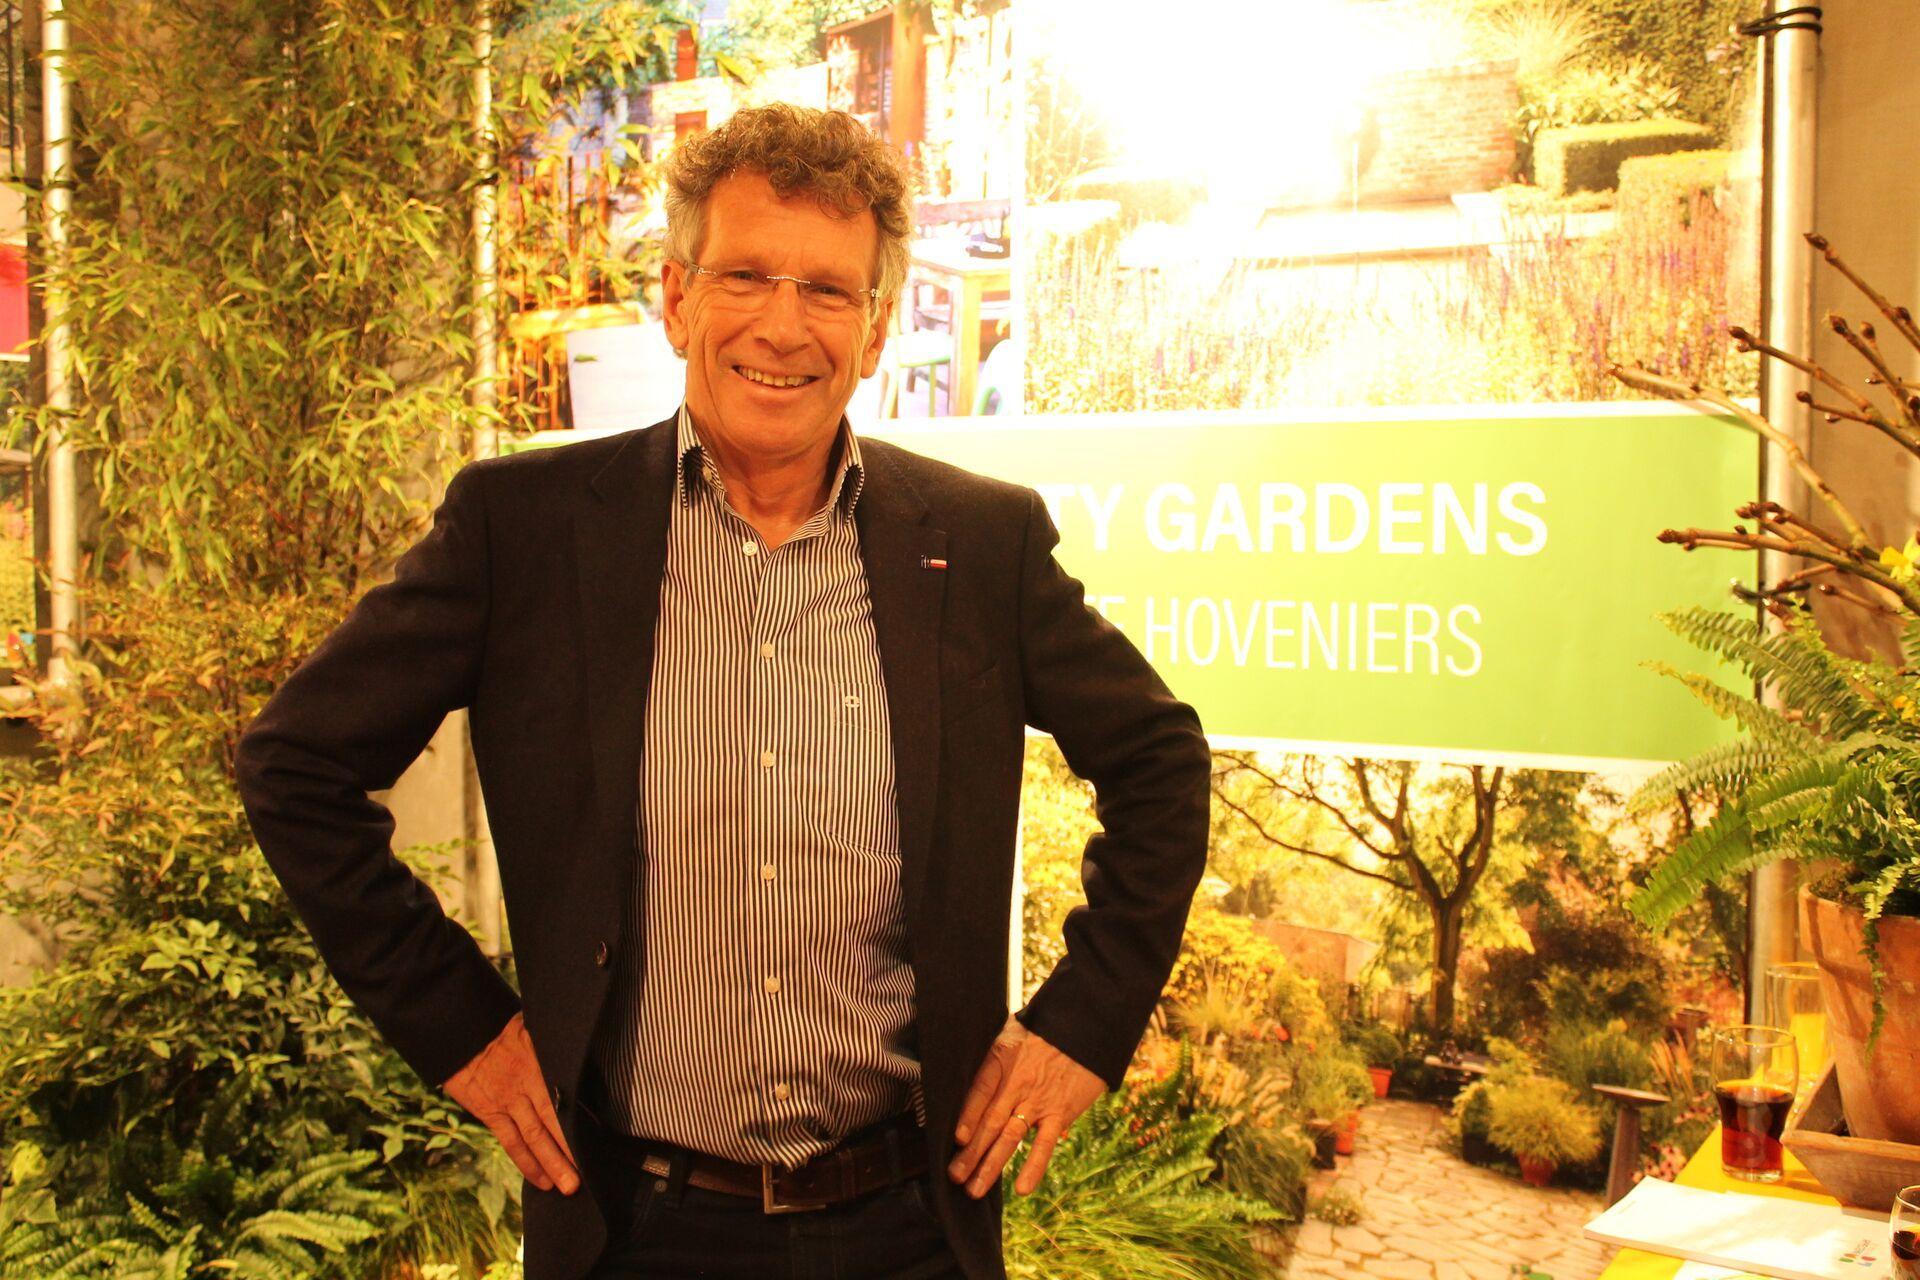 Appeltern-directeur Ben van Ooijen zoekt hoveniers en ontwerpers die een tuin willen aanleggen